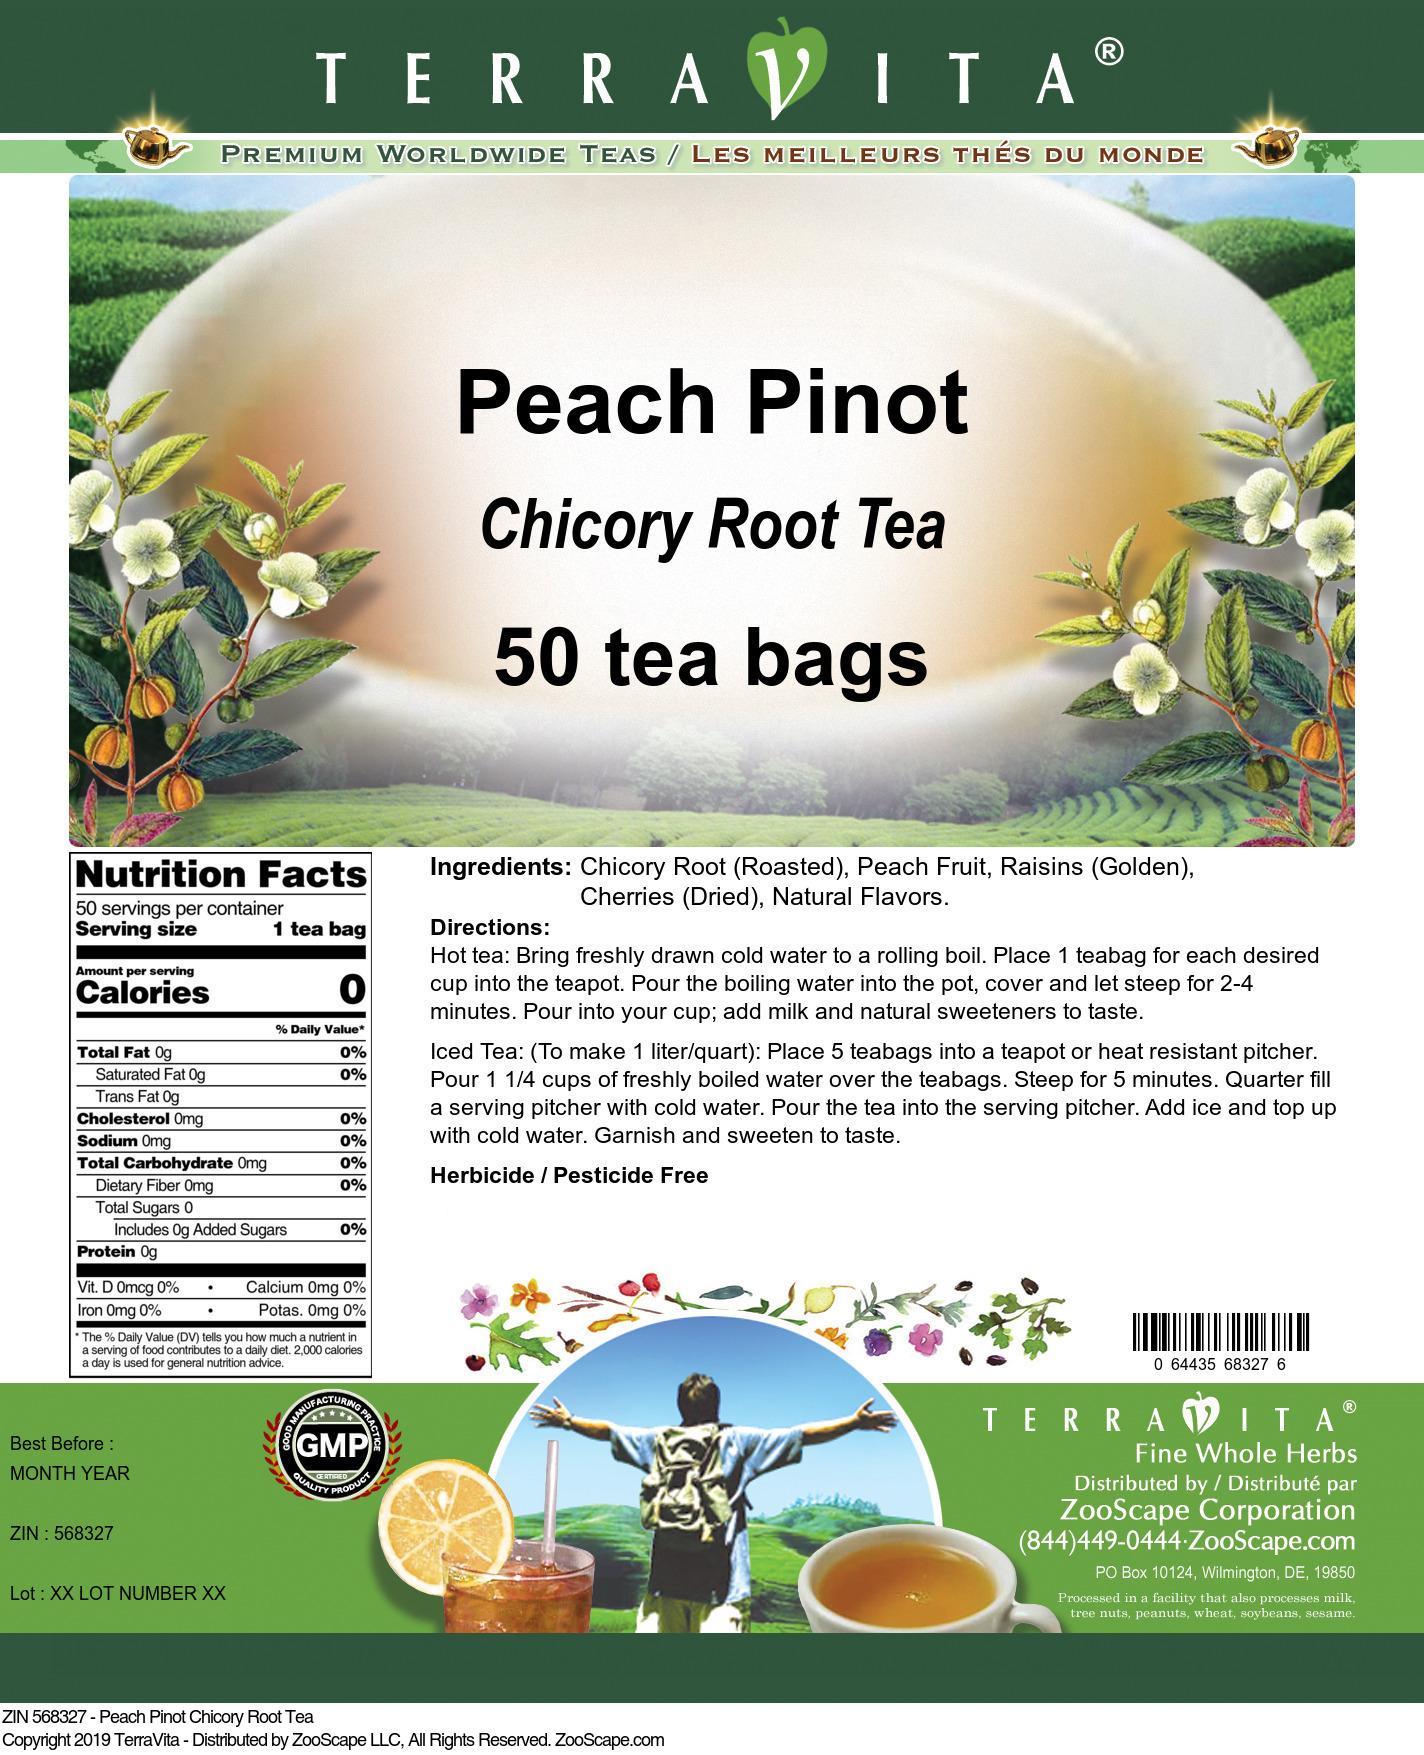 Peach Pinot Chicory Root Tea